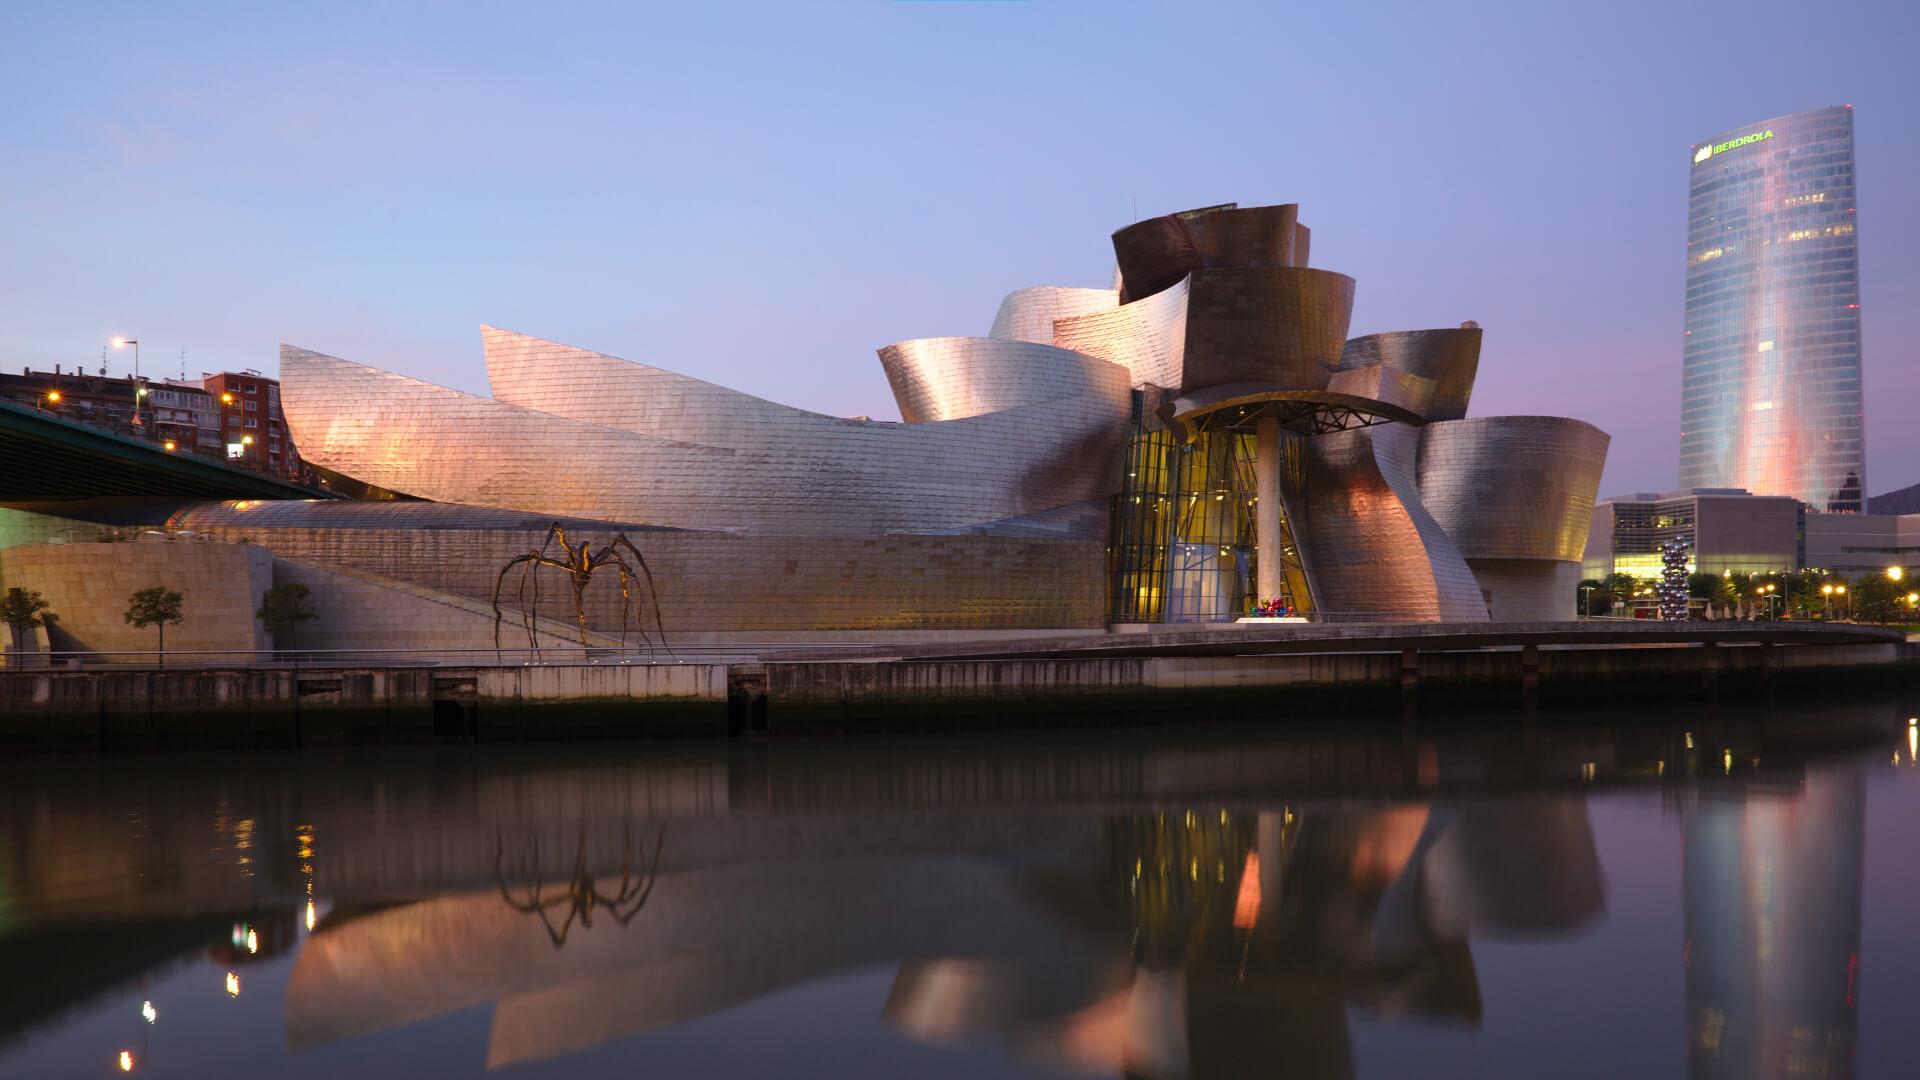 İçi Dışı Sanat: Dünyanın En Etkileyici Modern Sanat Müzeleri